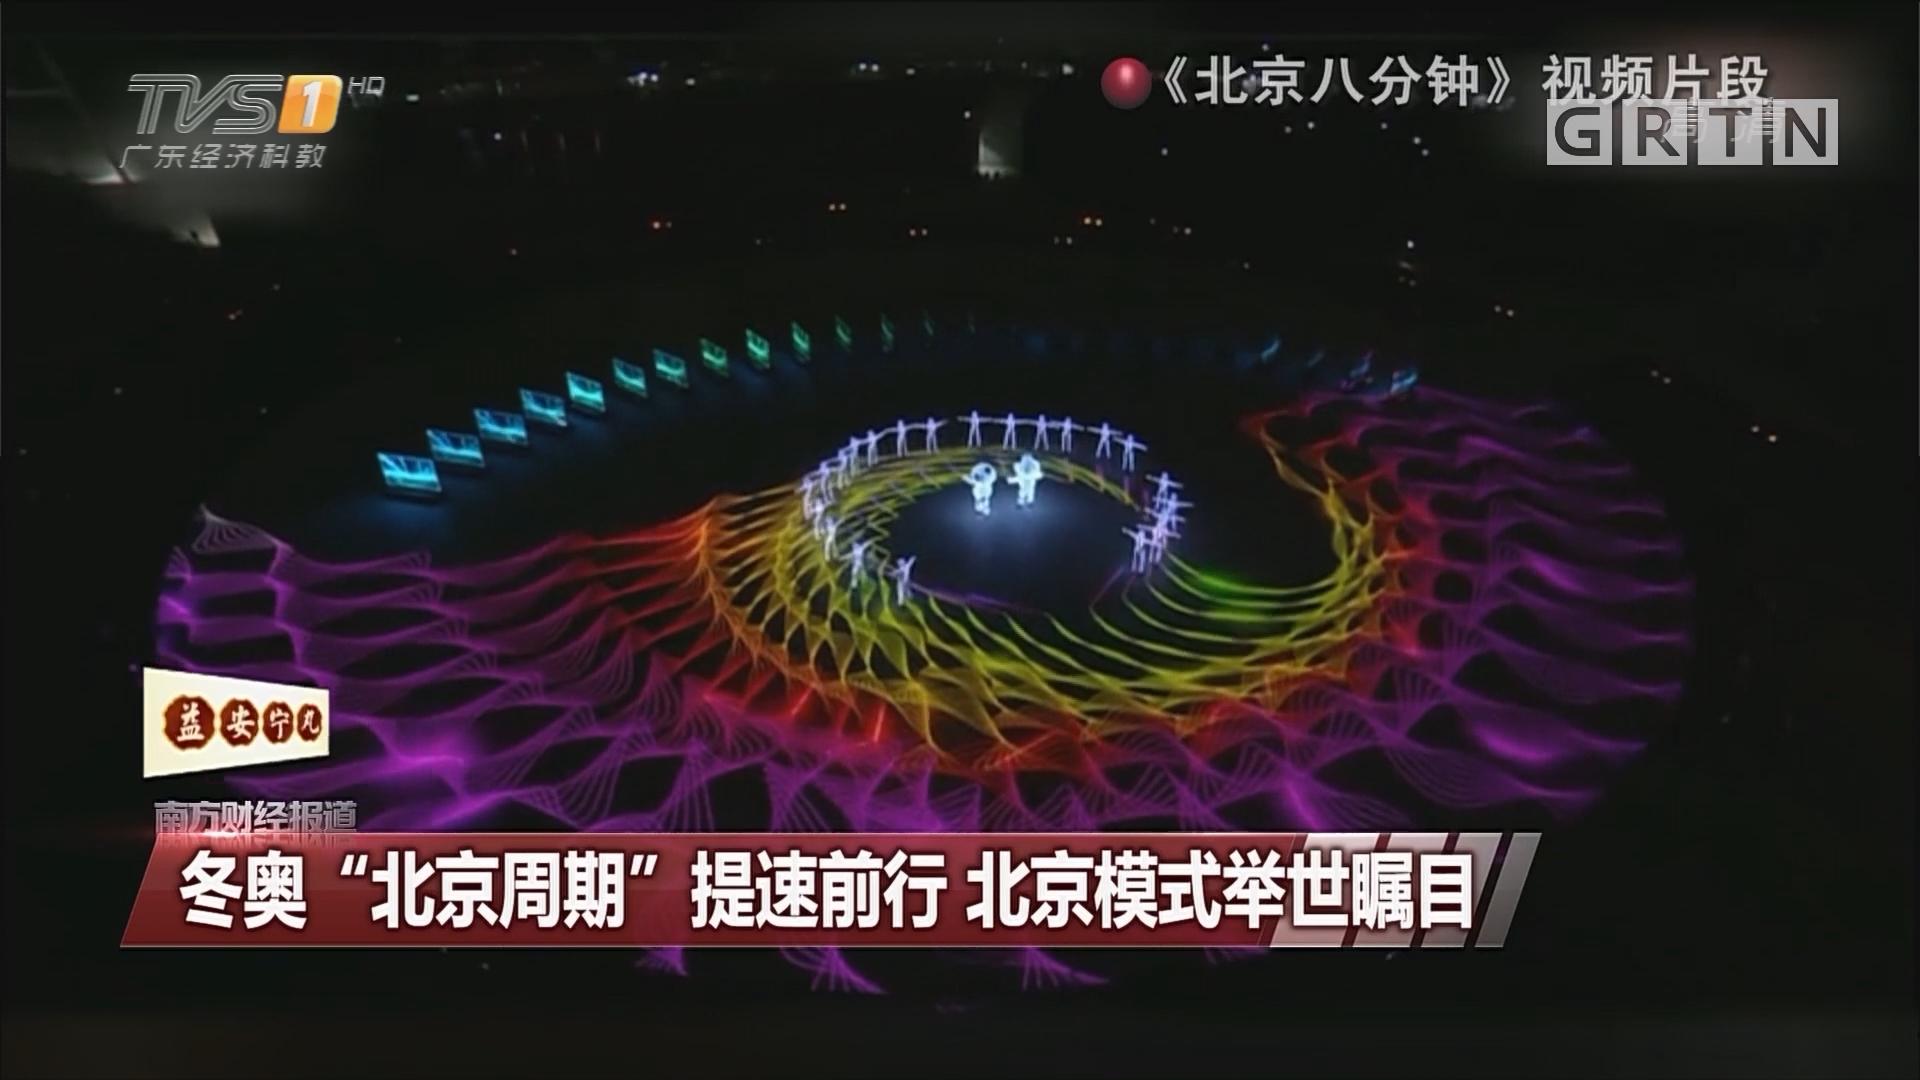 """冬奥""""北京周期""""提速前行 北京模式举世瞩目"""